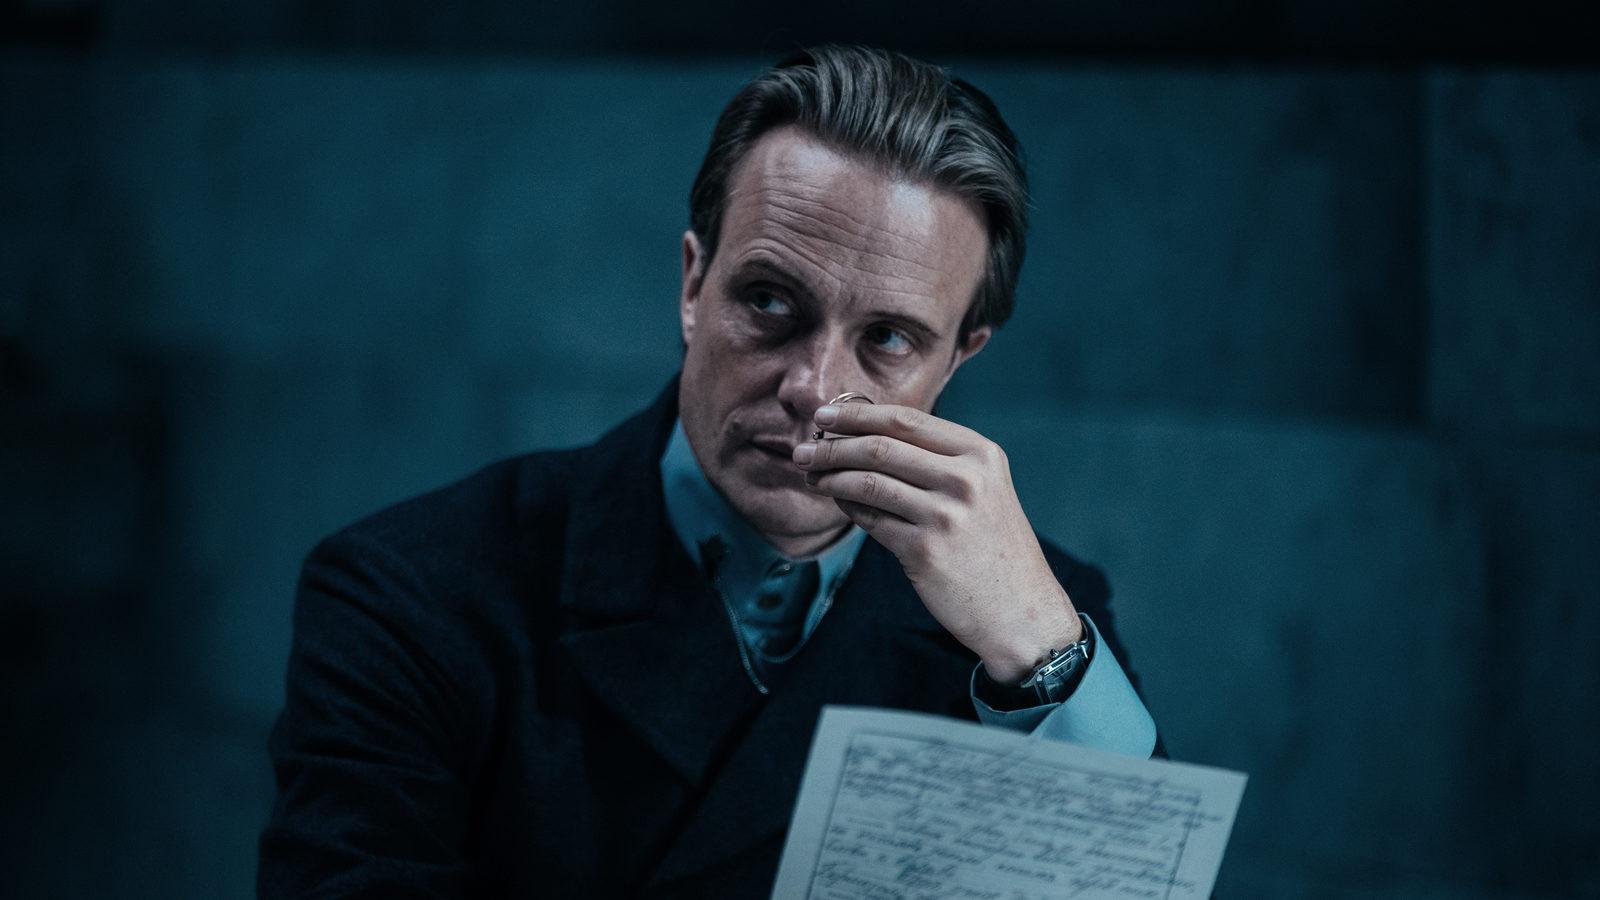 Немецкий актер Аугуст Диль сыграет Воланда в экранизации «Мастера и Маргариты»